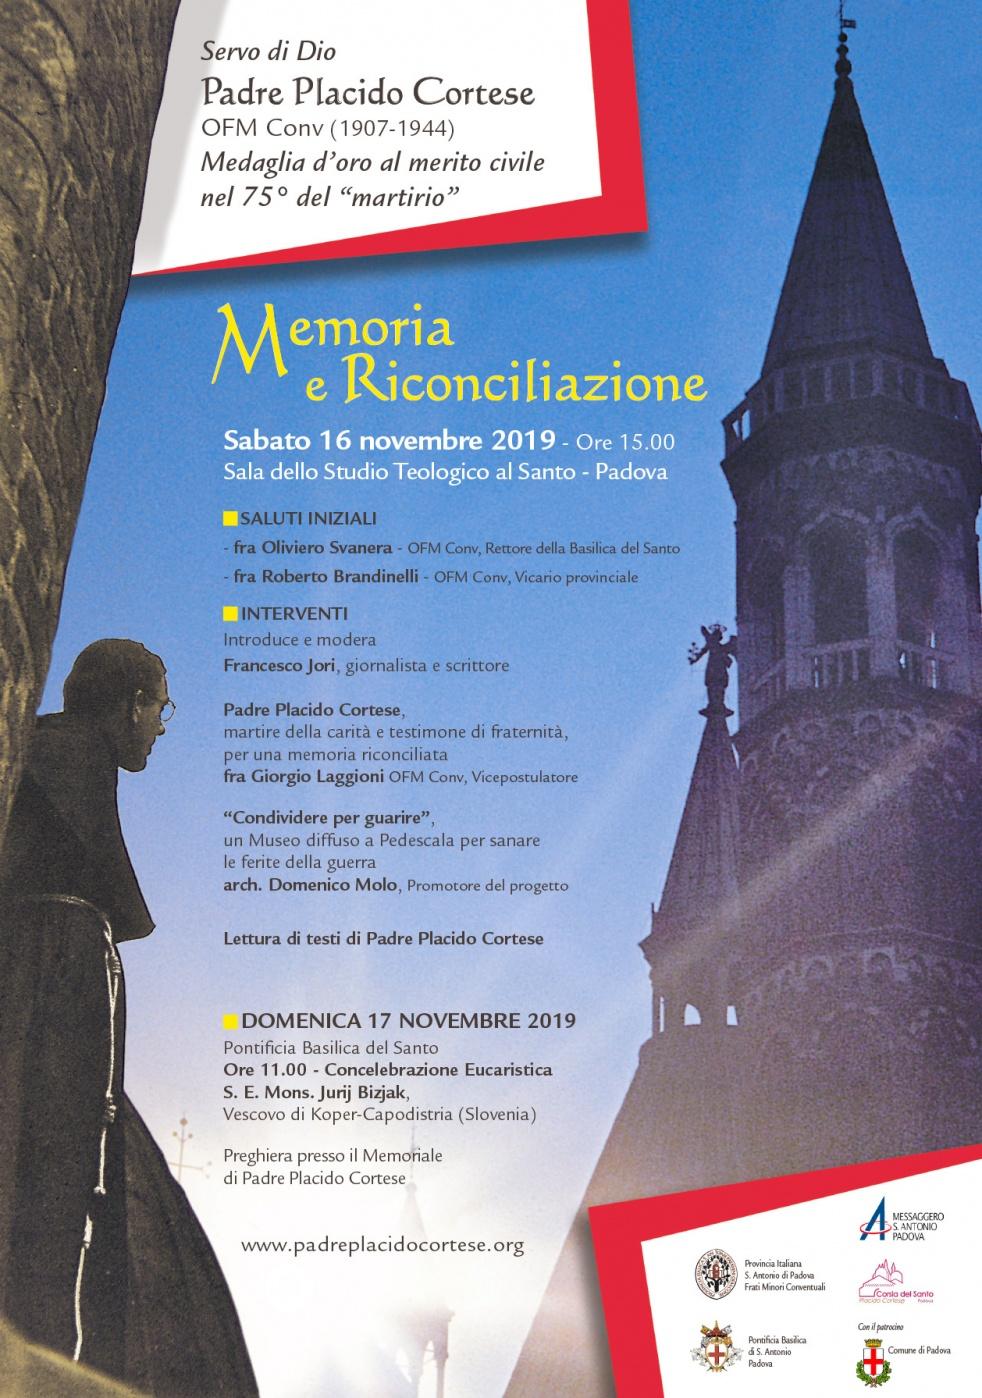 Memoria e riconciliazione - p.Placido C. - show cover